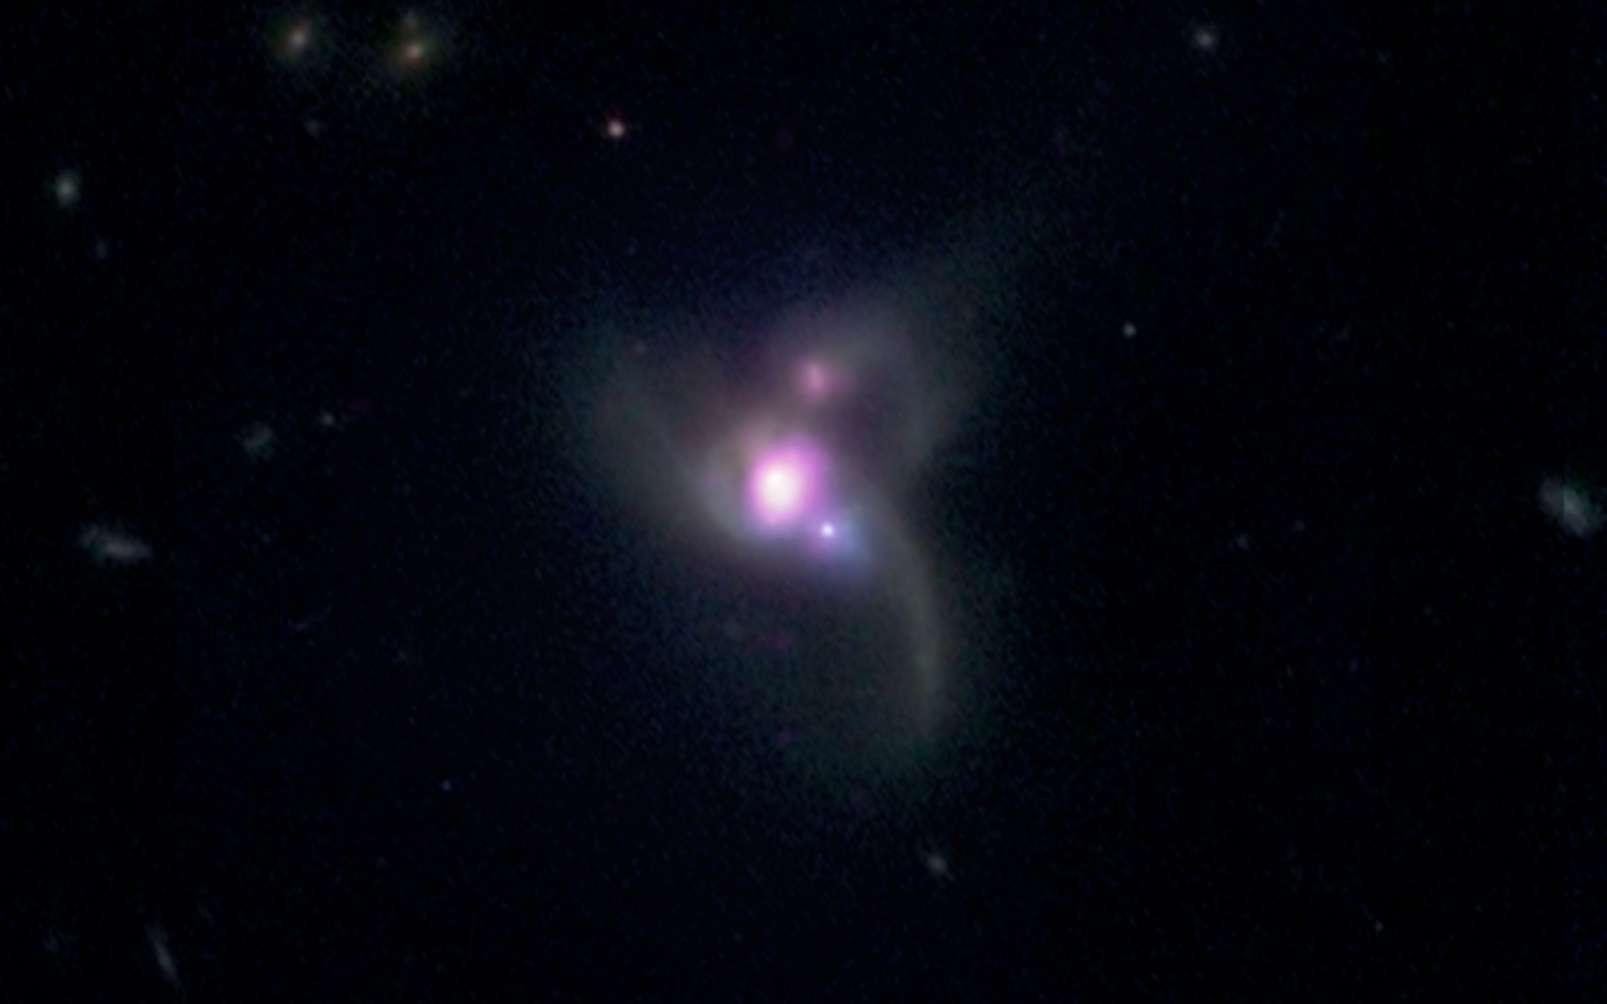 Une image composite montrant une collision triple de galaxies, avec le système SDSS J0849+1114, contenant trois trous noirs supermassifs. © Rayon X : Nasa / CXC / George Mason Univ./R. Pfeifle et coll.; visible: SDSS et Nasa / STScI